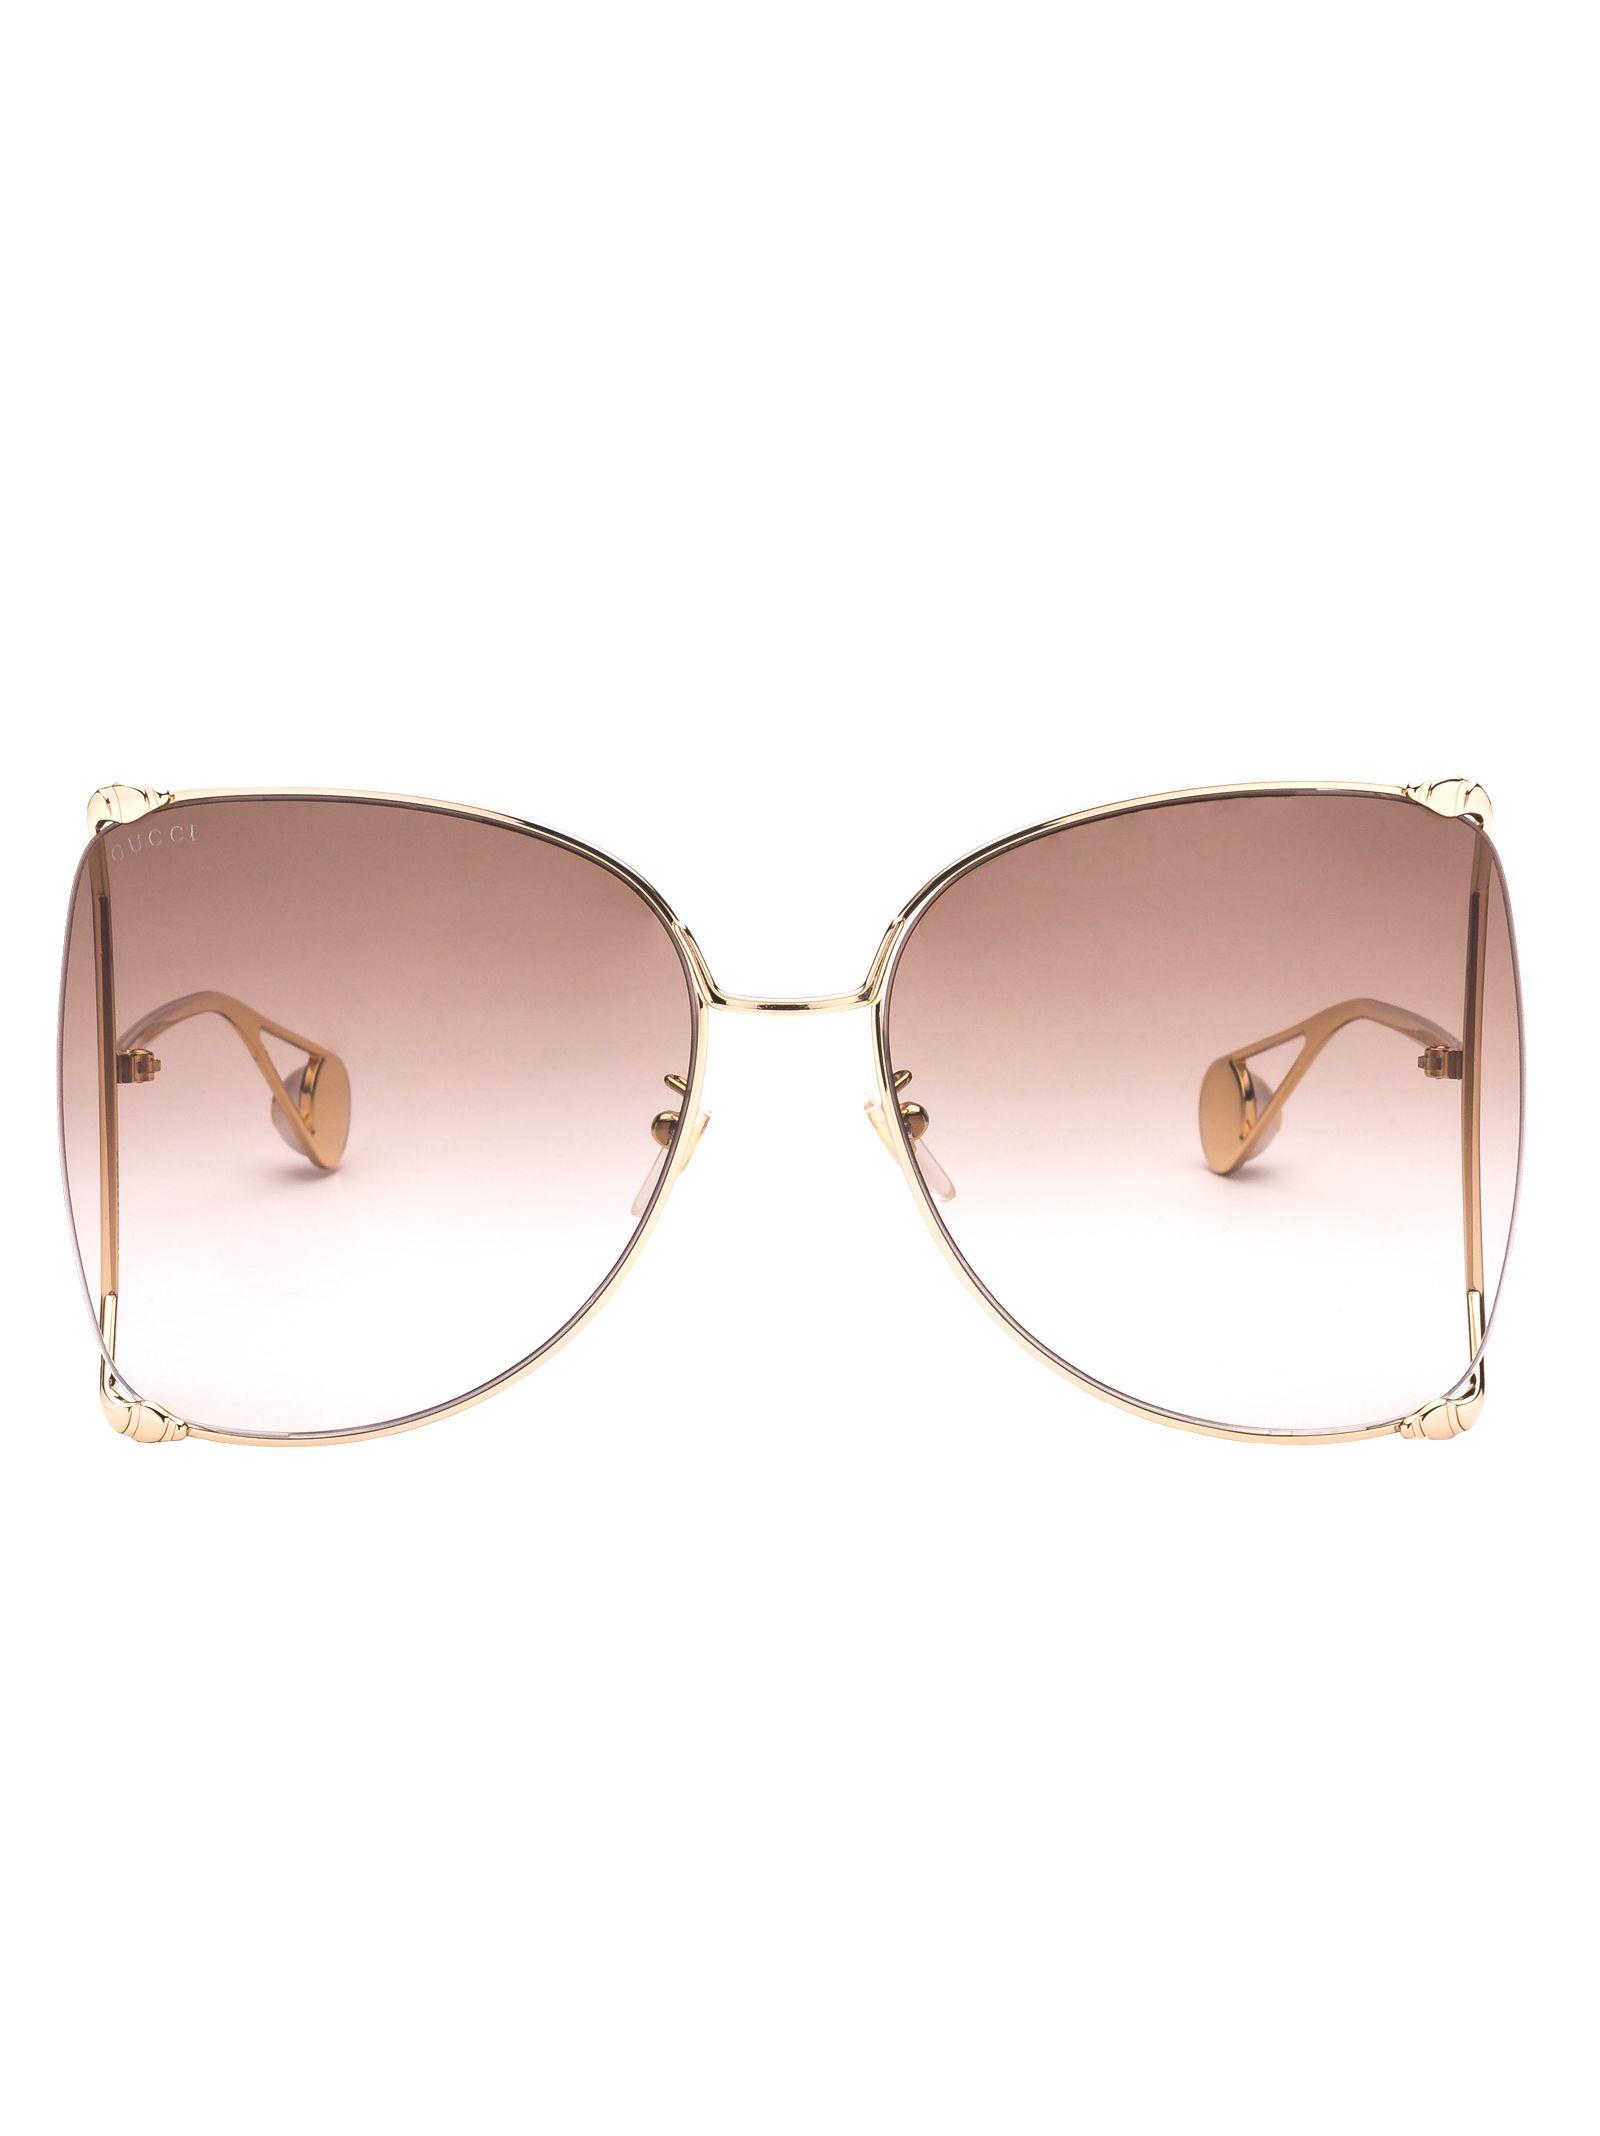 Gucci Eyewear Oversized Sunglasses